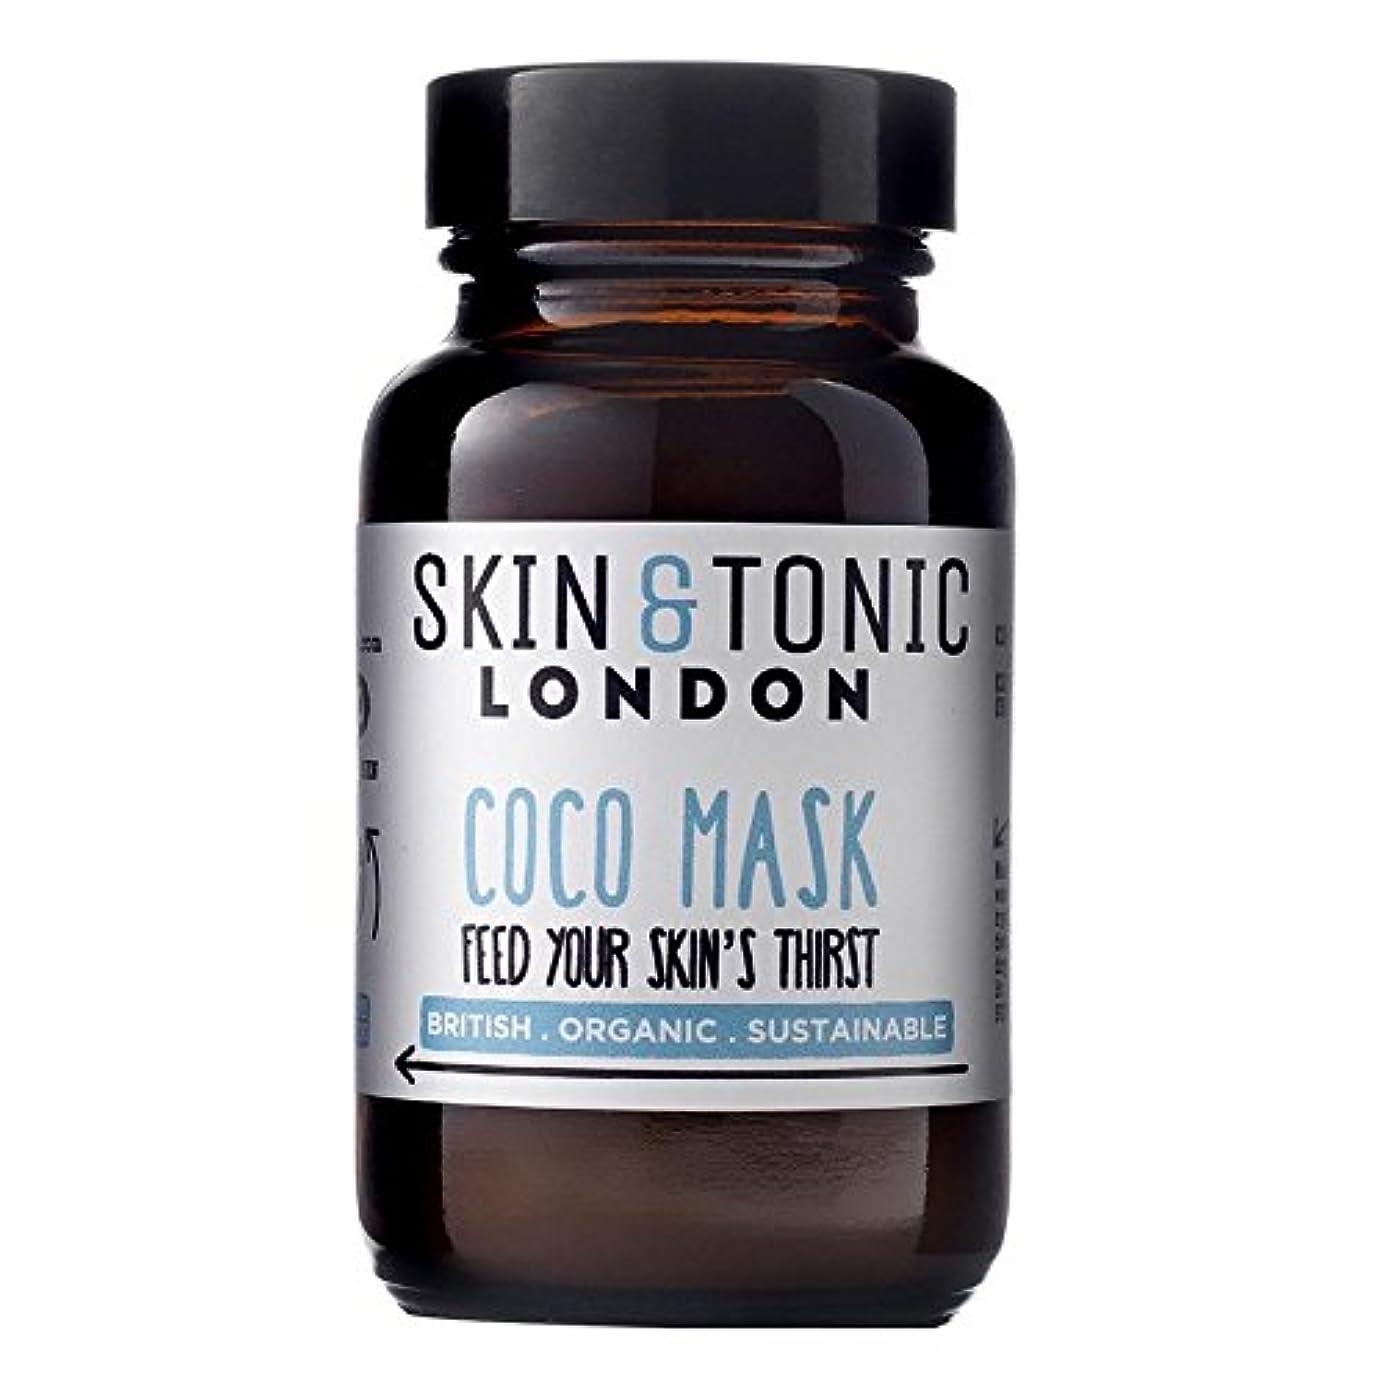 主張する飾る売り手Skin & Tonic London Coco Mask 50g - スキン&トニックロンドンココマスク50グラム [並行輸入品]